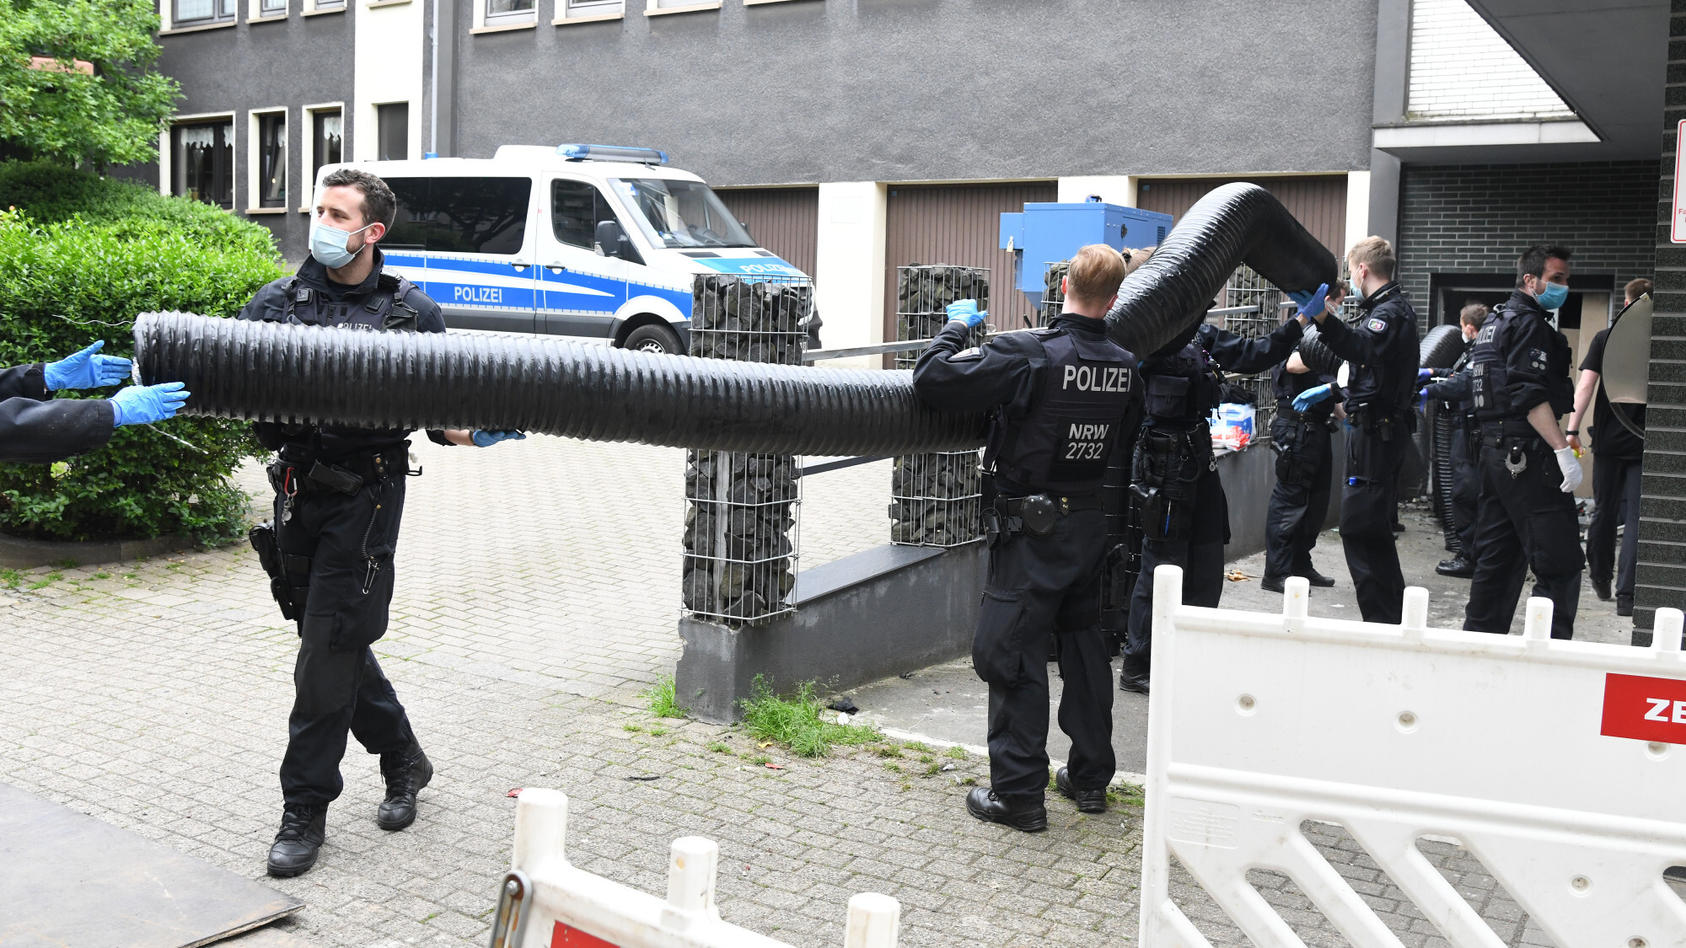 Neben Hessen erstreckte sich der Einsatz auch auf NRW, wie hier in Essen.